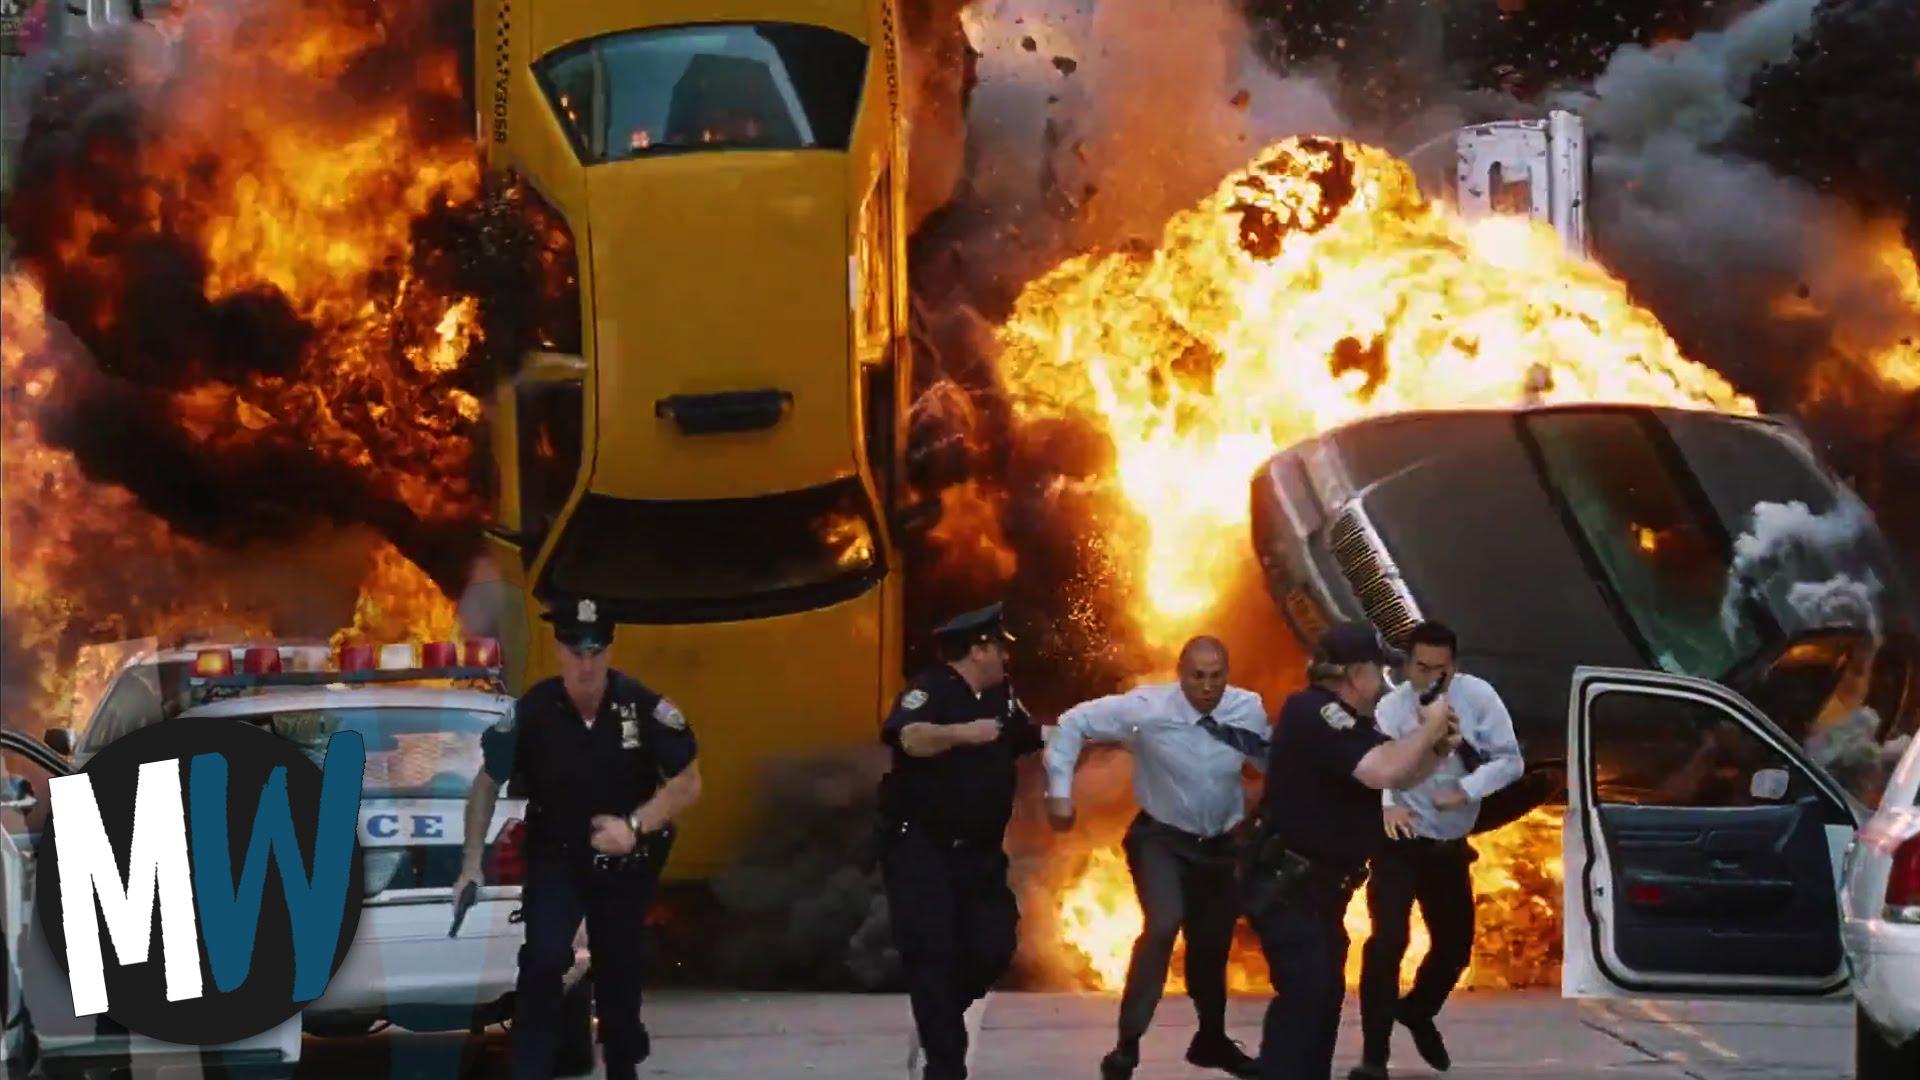 Orice masina poate fi o bomba